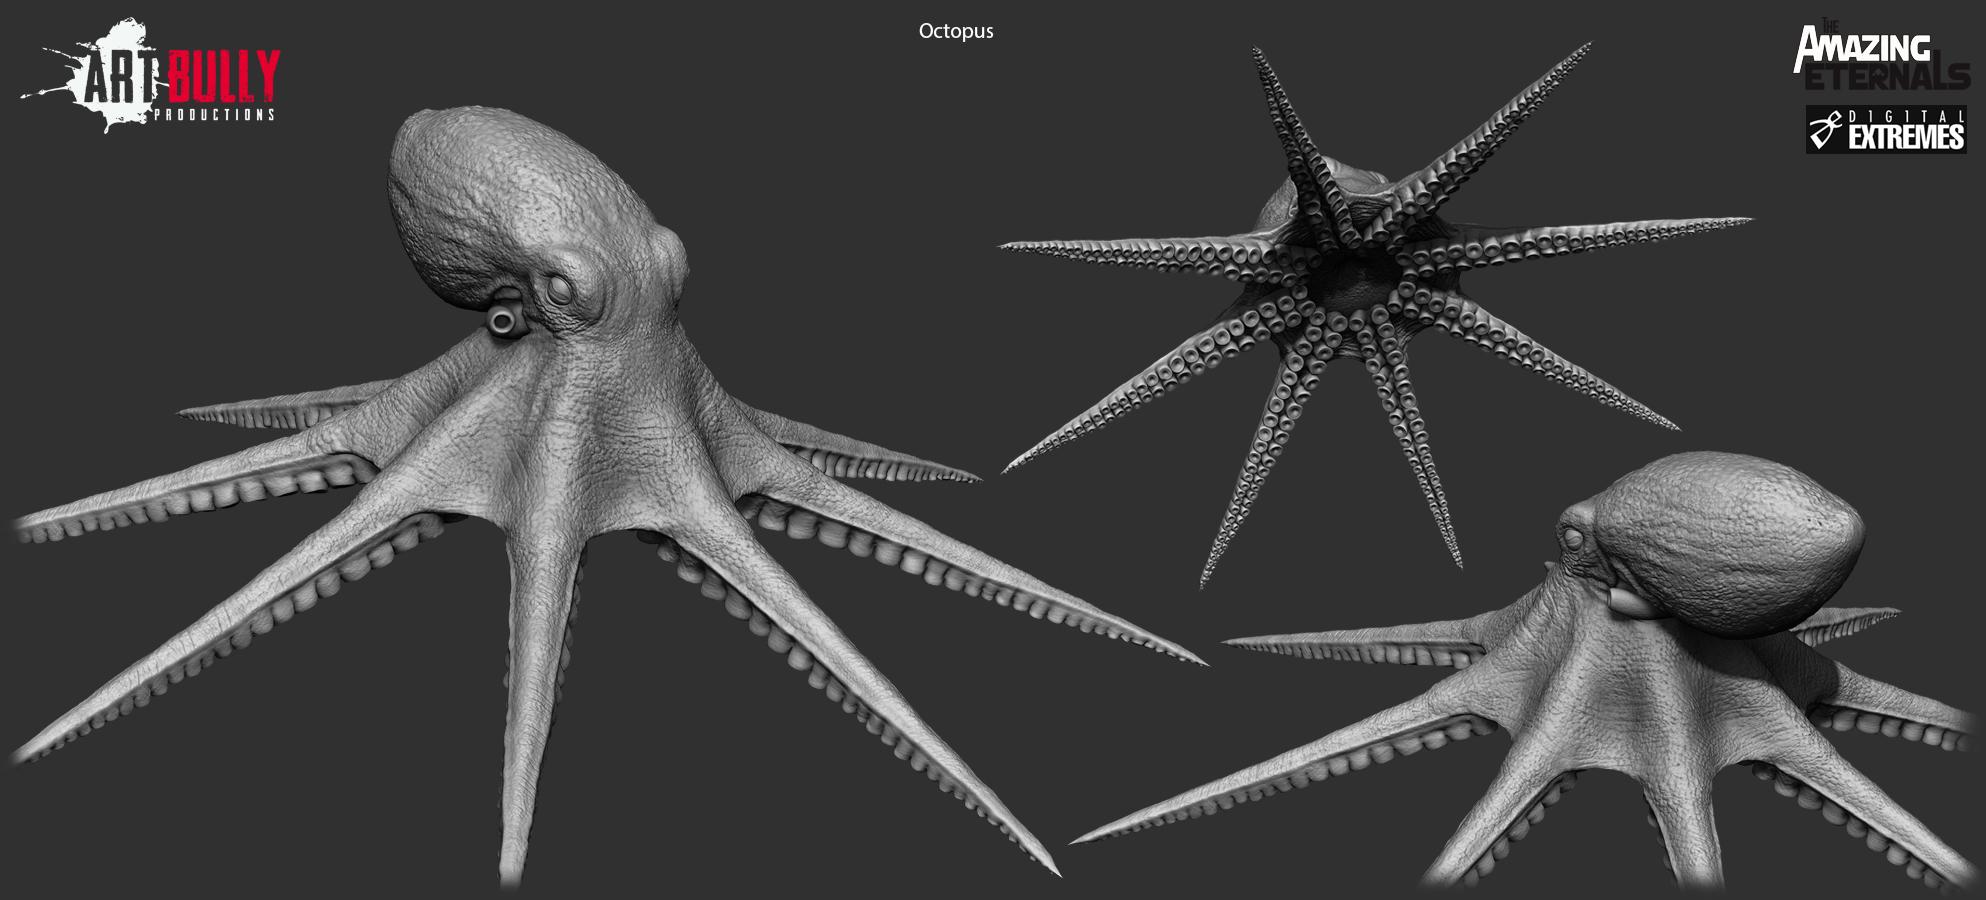 Octopus_HP_Render.jpg